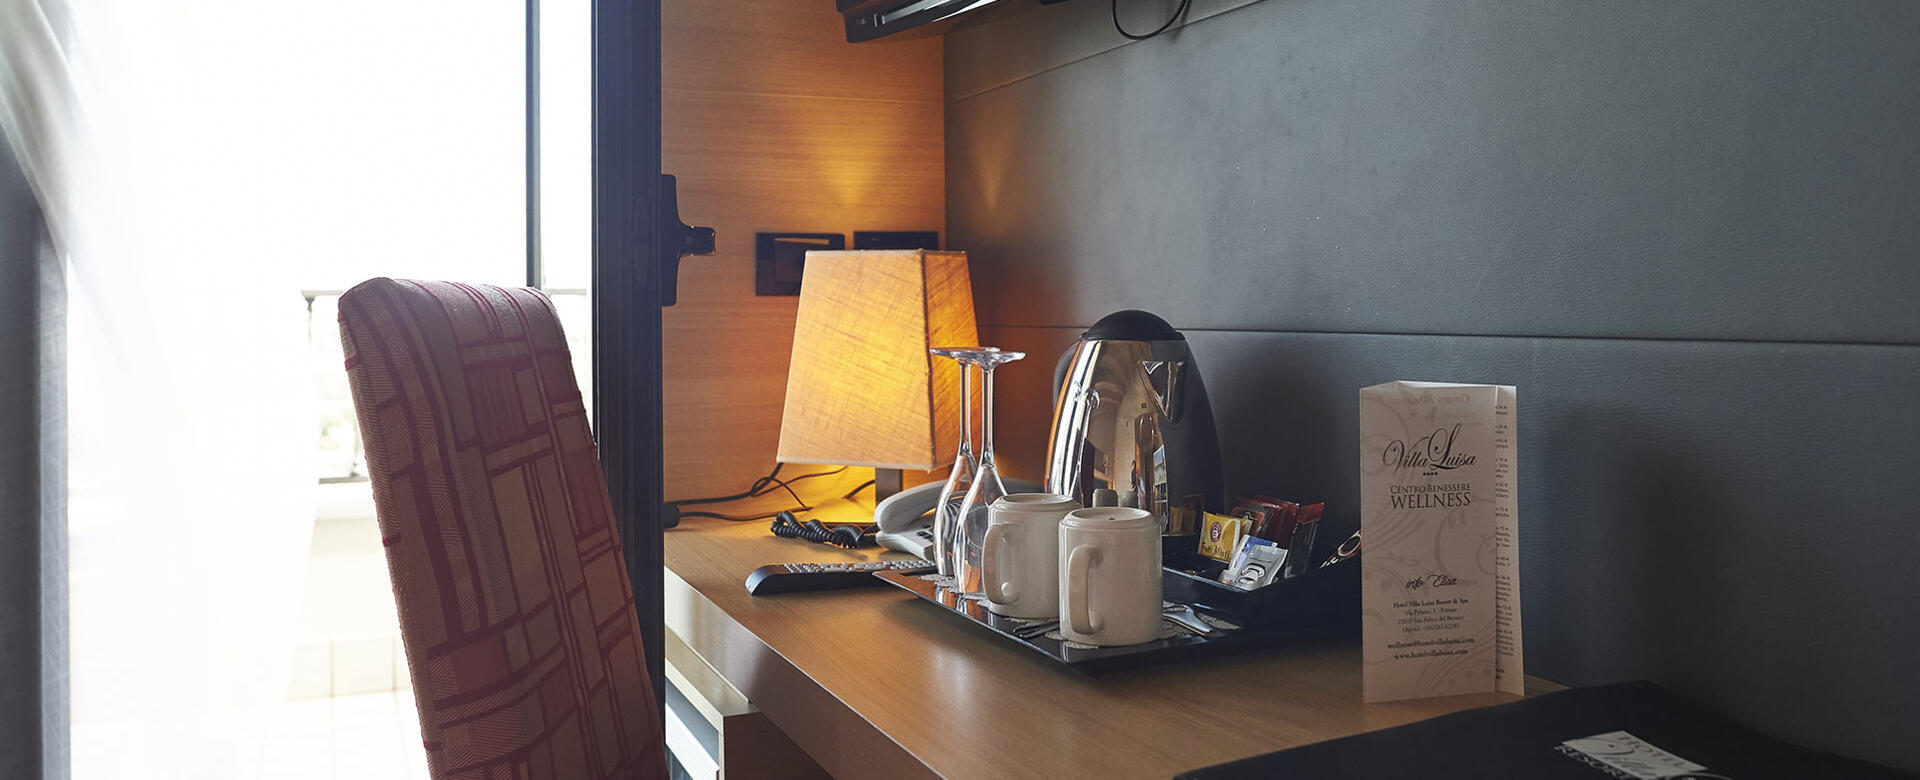 hotelvillaluisa de zimmer 003